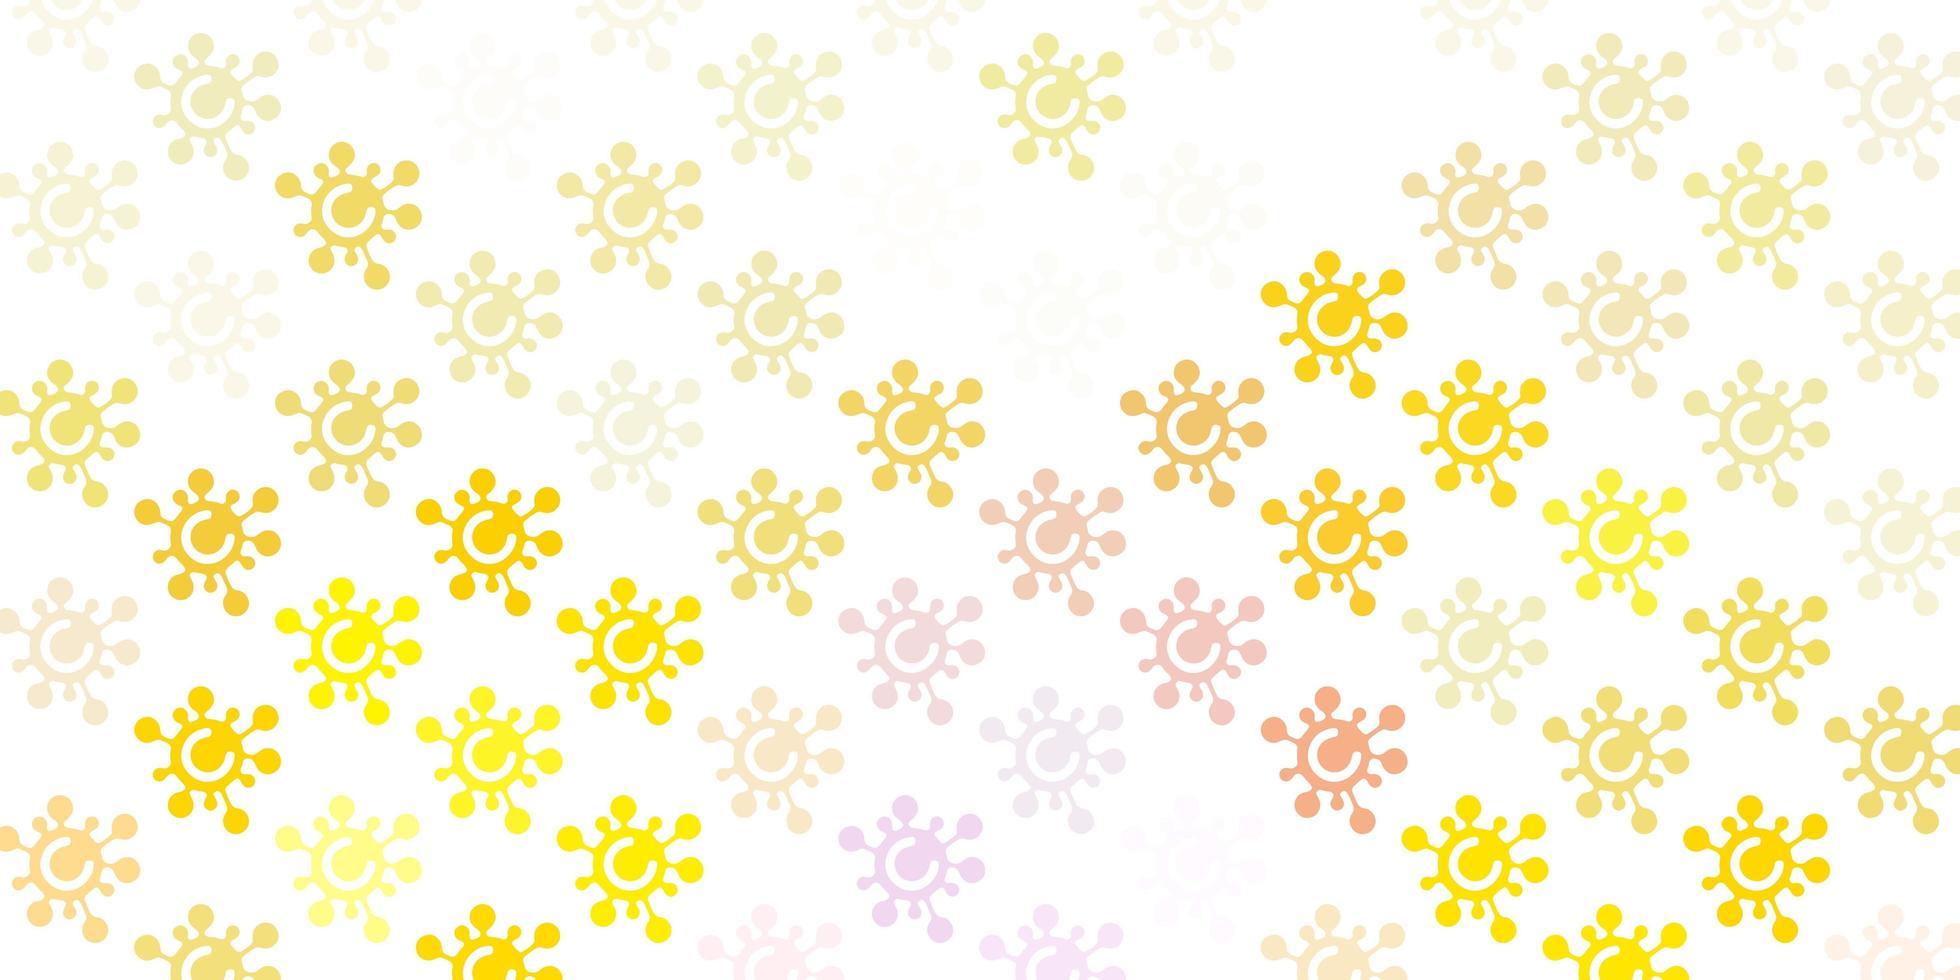 fundo de vetor rosa claro amarelo com símbolos de vírus